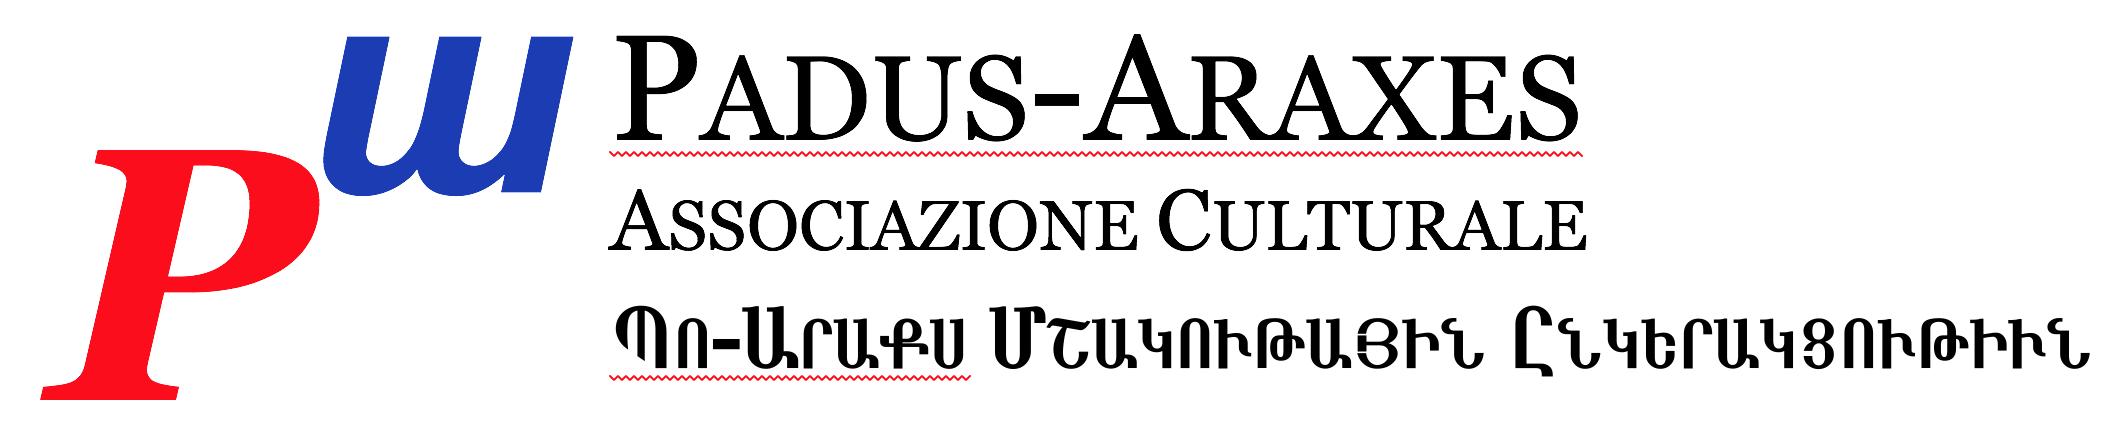 cropped-logo-padus.png